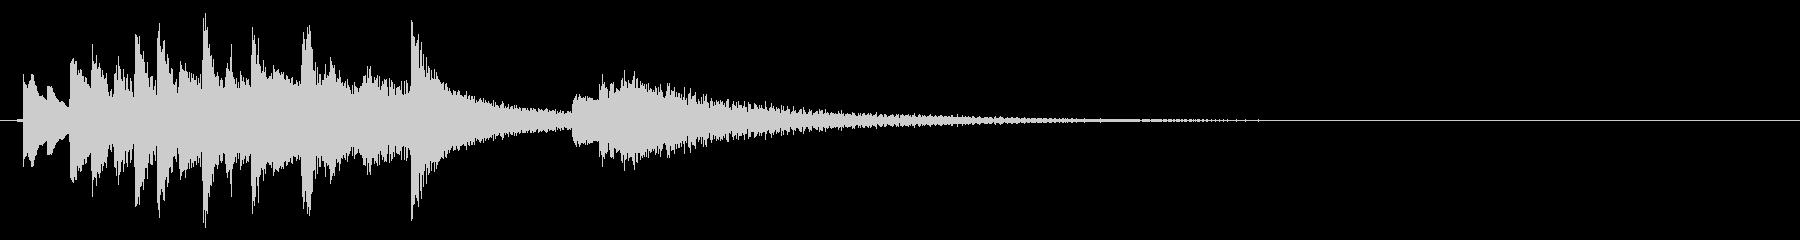 琴のフレーズ4☆調律2の未再生の波形